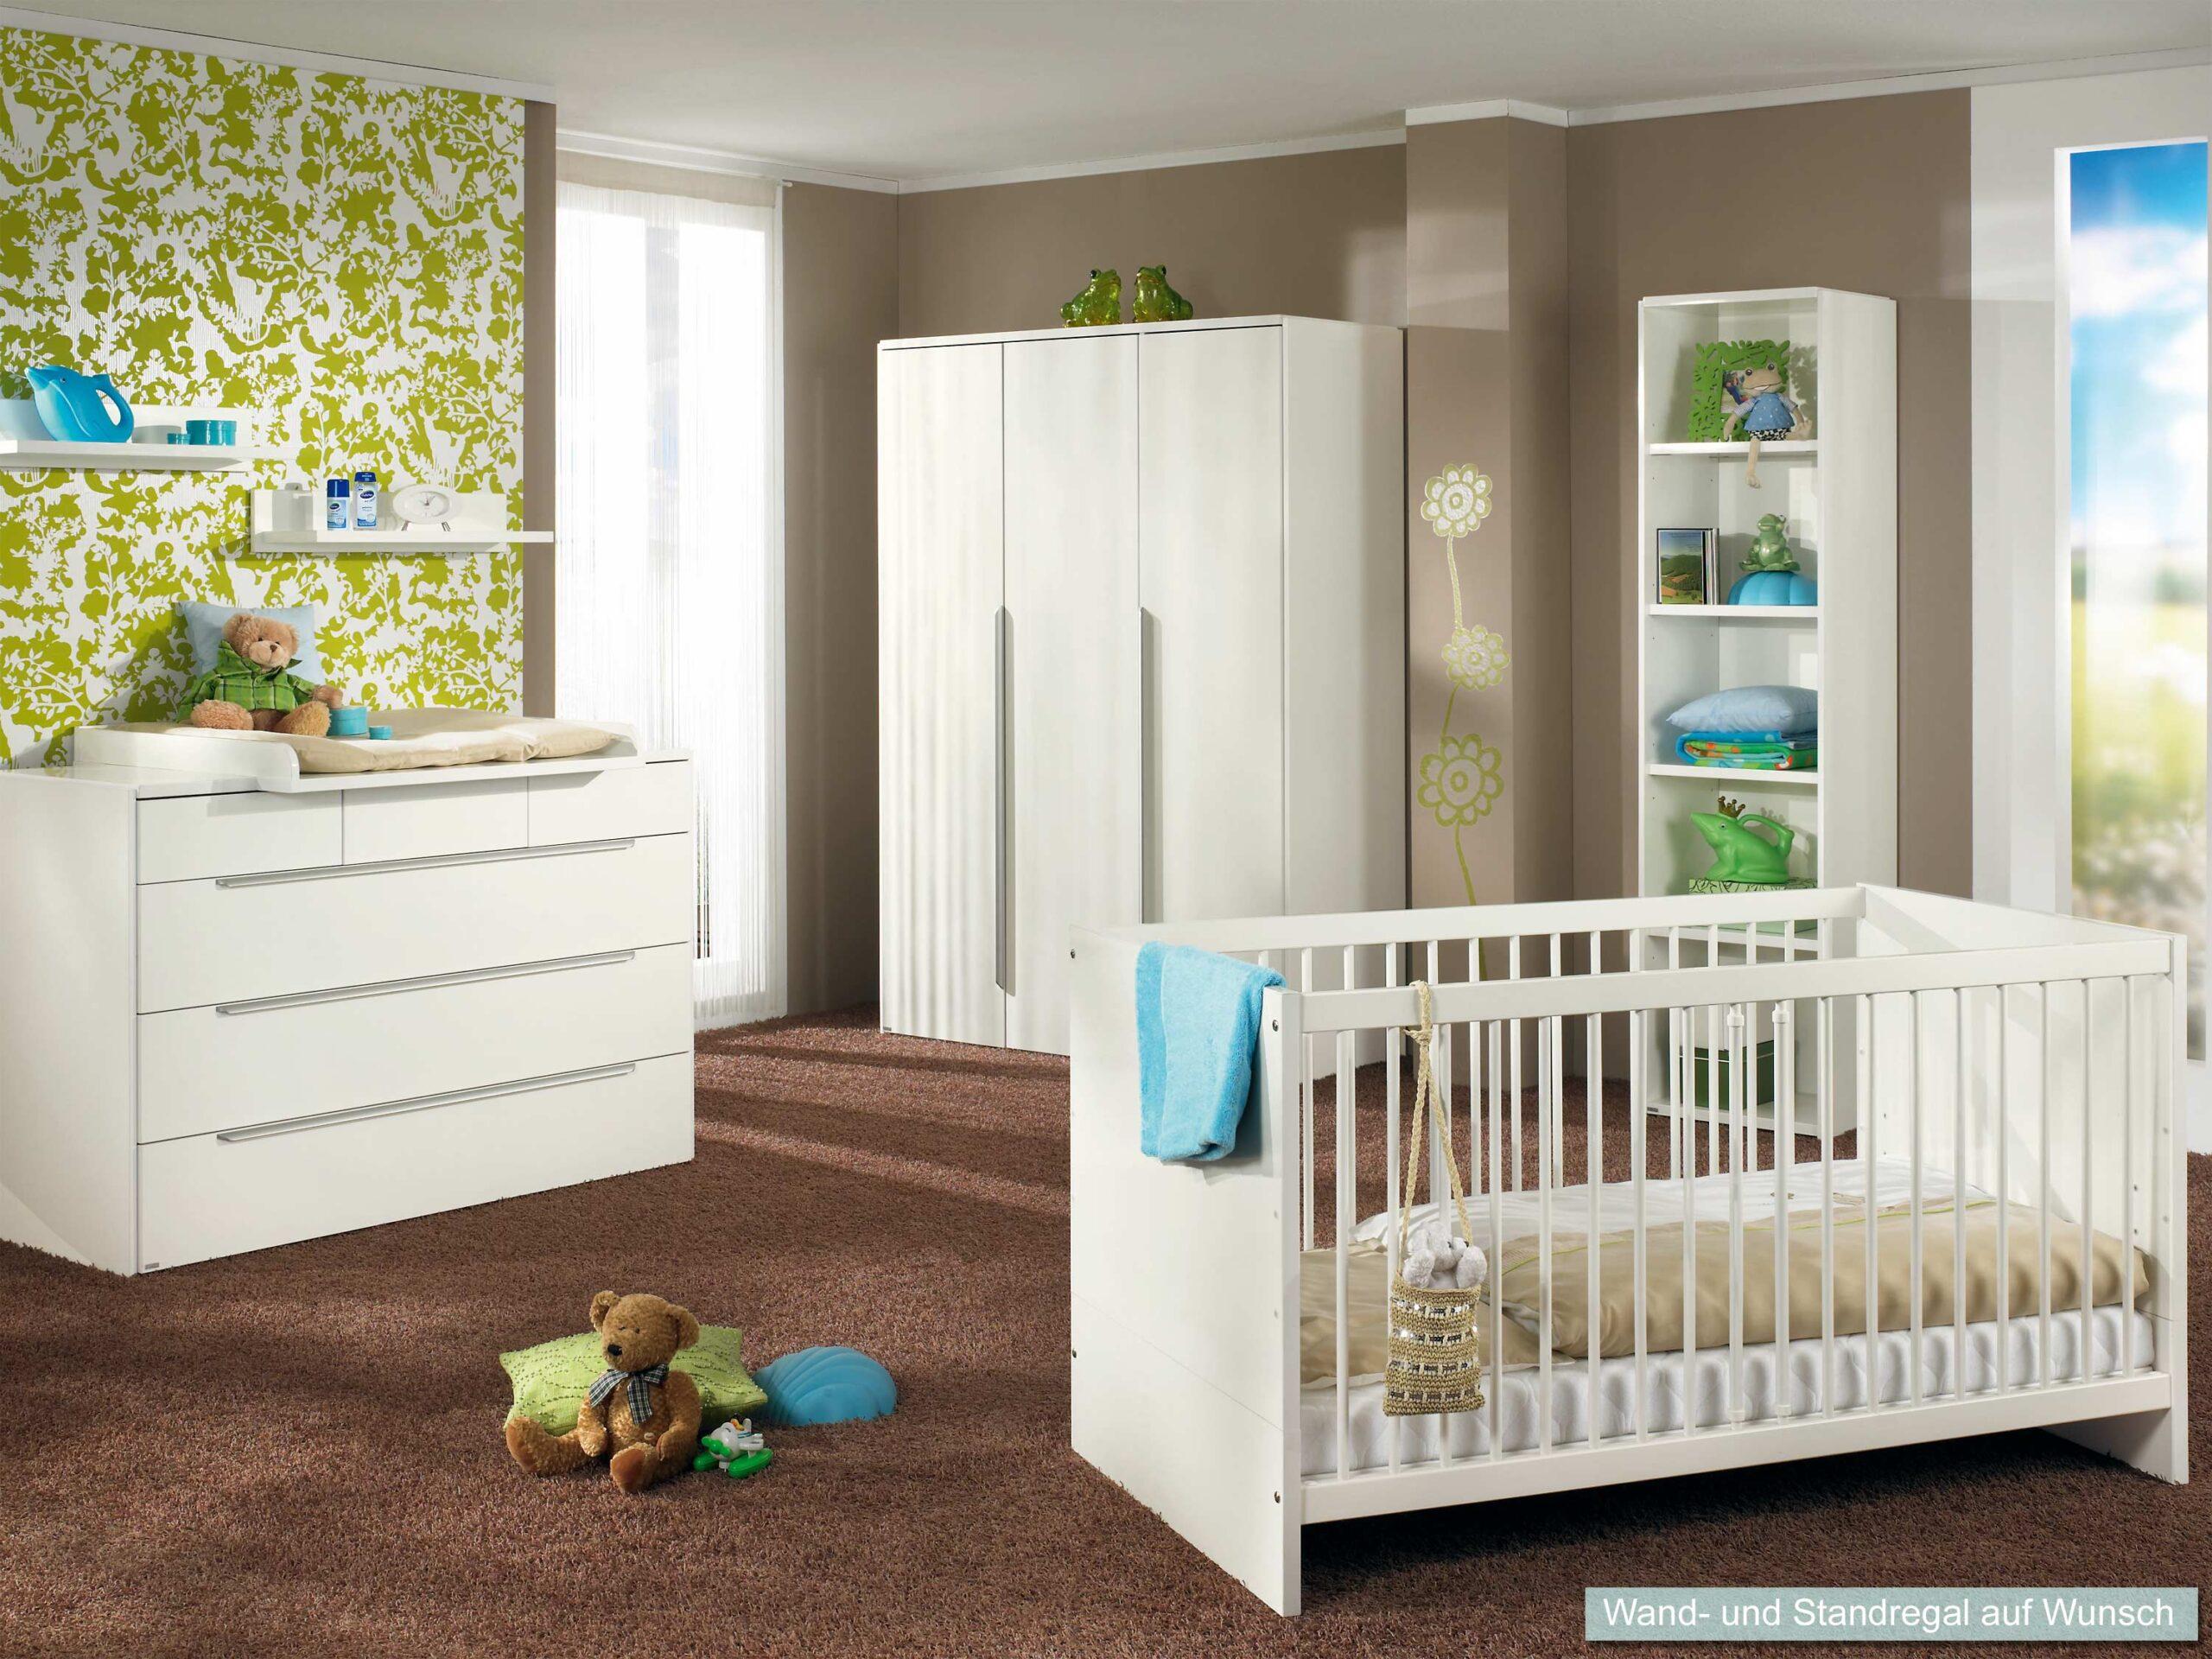 Full Size of Kinderzimmer Komplett Günstig Babyzimmer Paidi Fabiana Komplette Sofa Kaufen Regal Schlafzimmer Komplettangebote Günstiges Küche Chesterfield Günstige Kinderzimmer Kinderzimmer Komplett Günstig